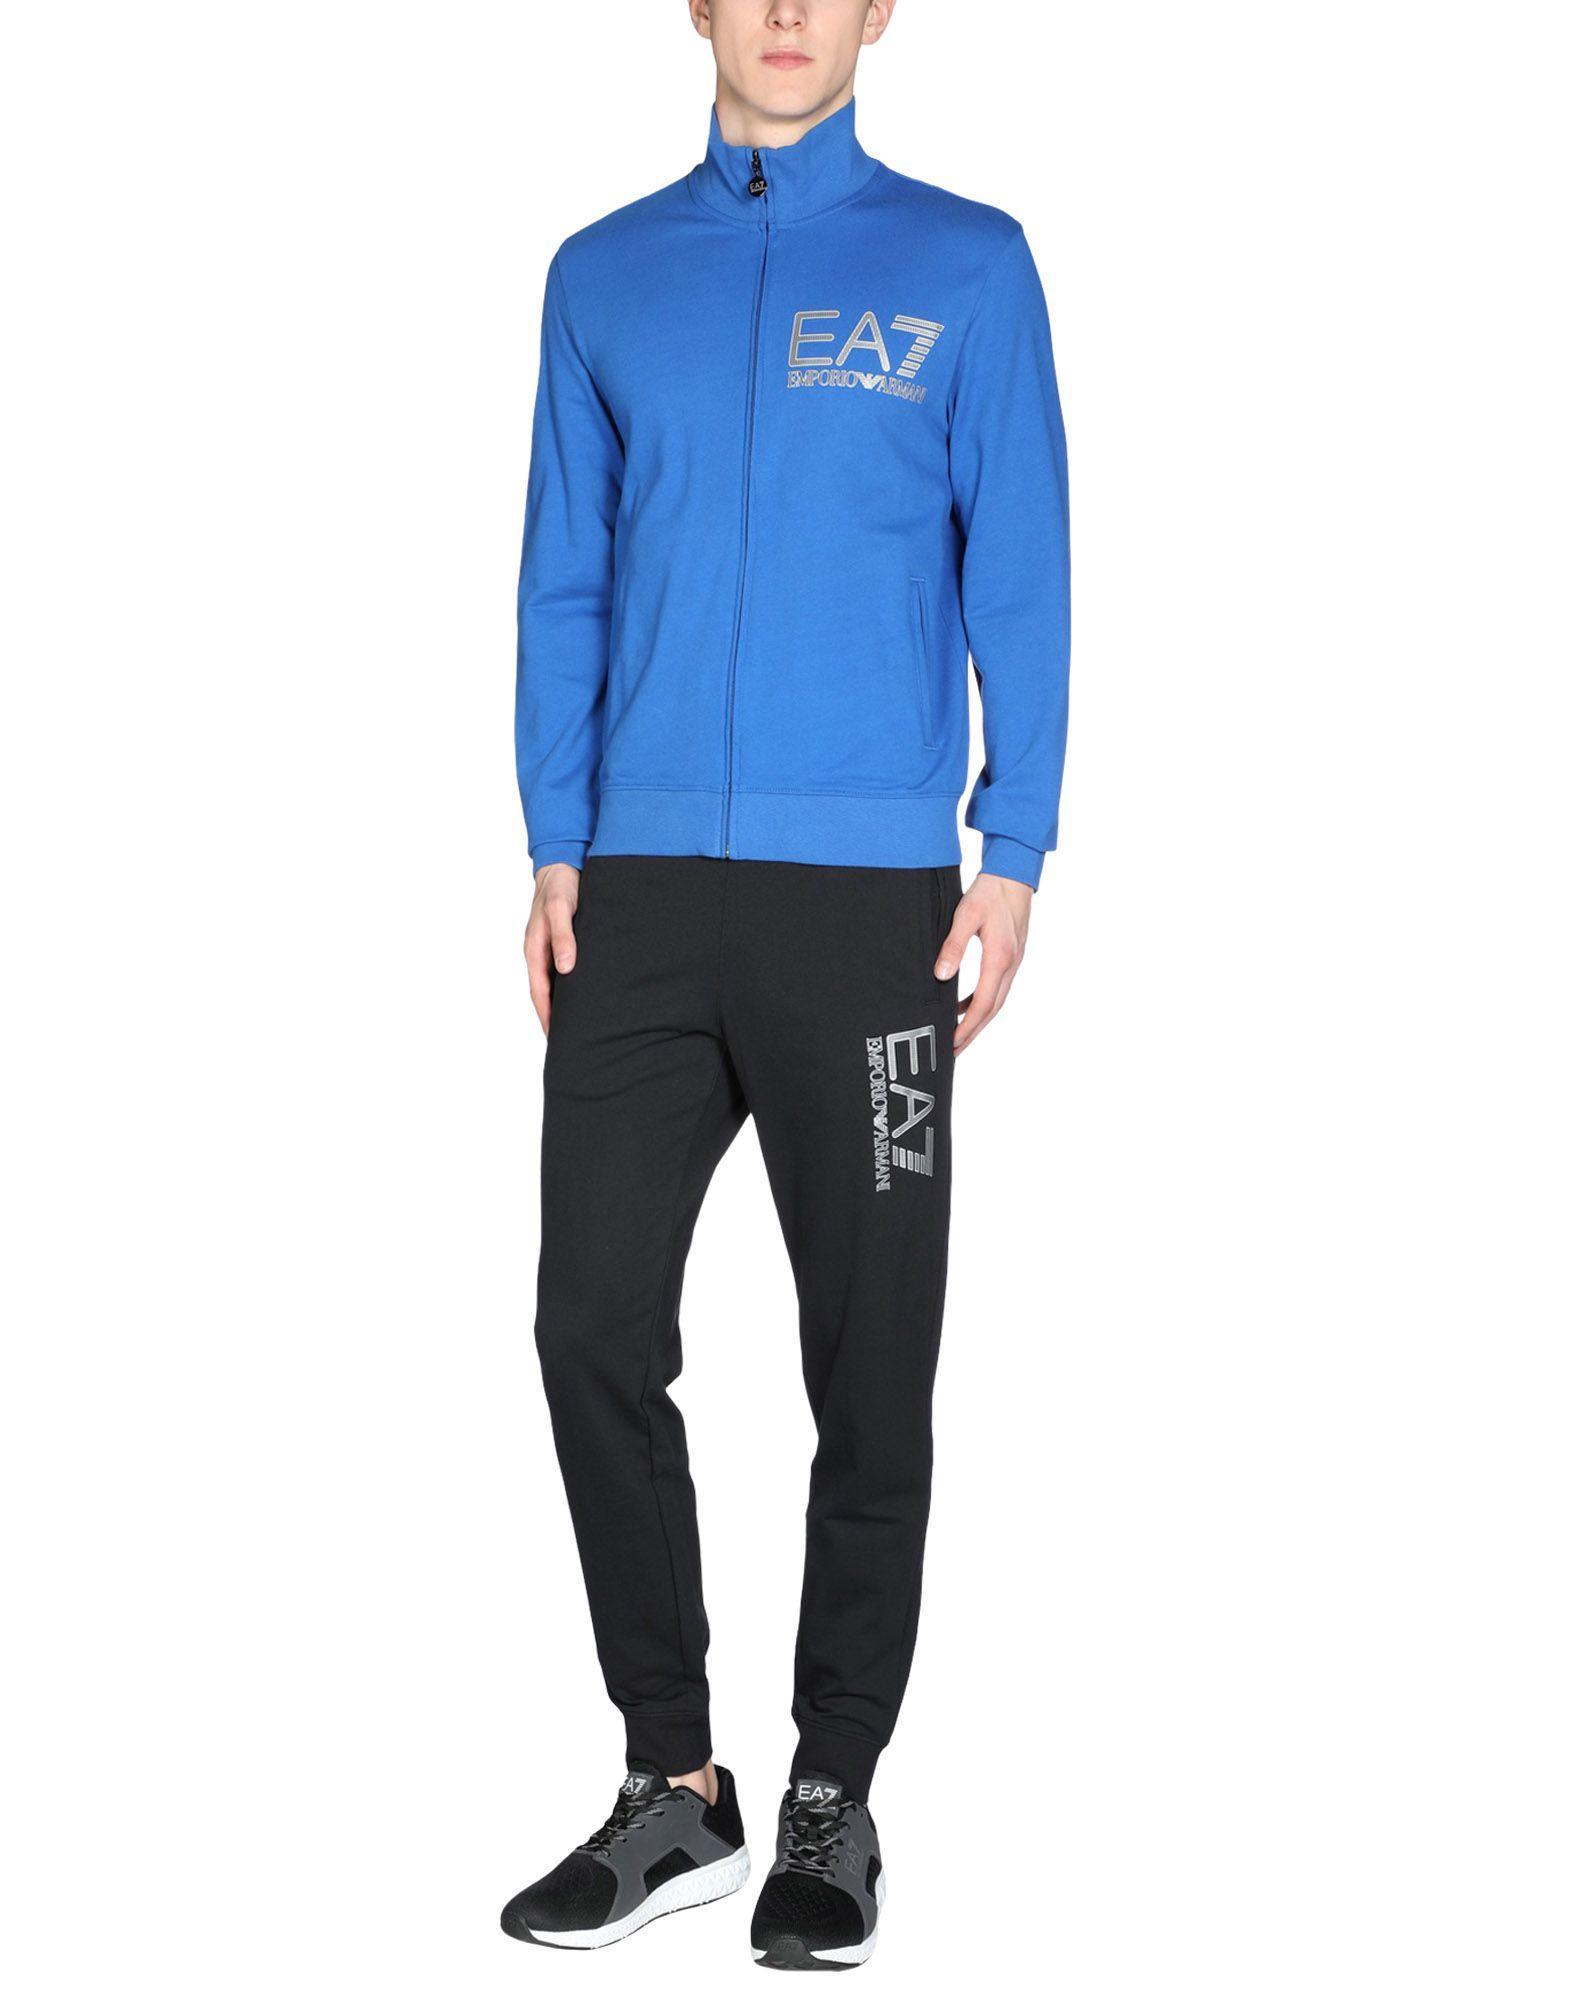 Emporio Armani Sweatsuit In Bright Blue